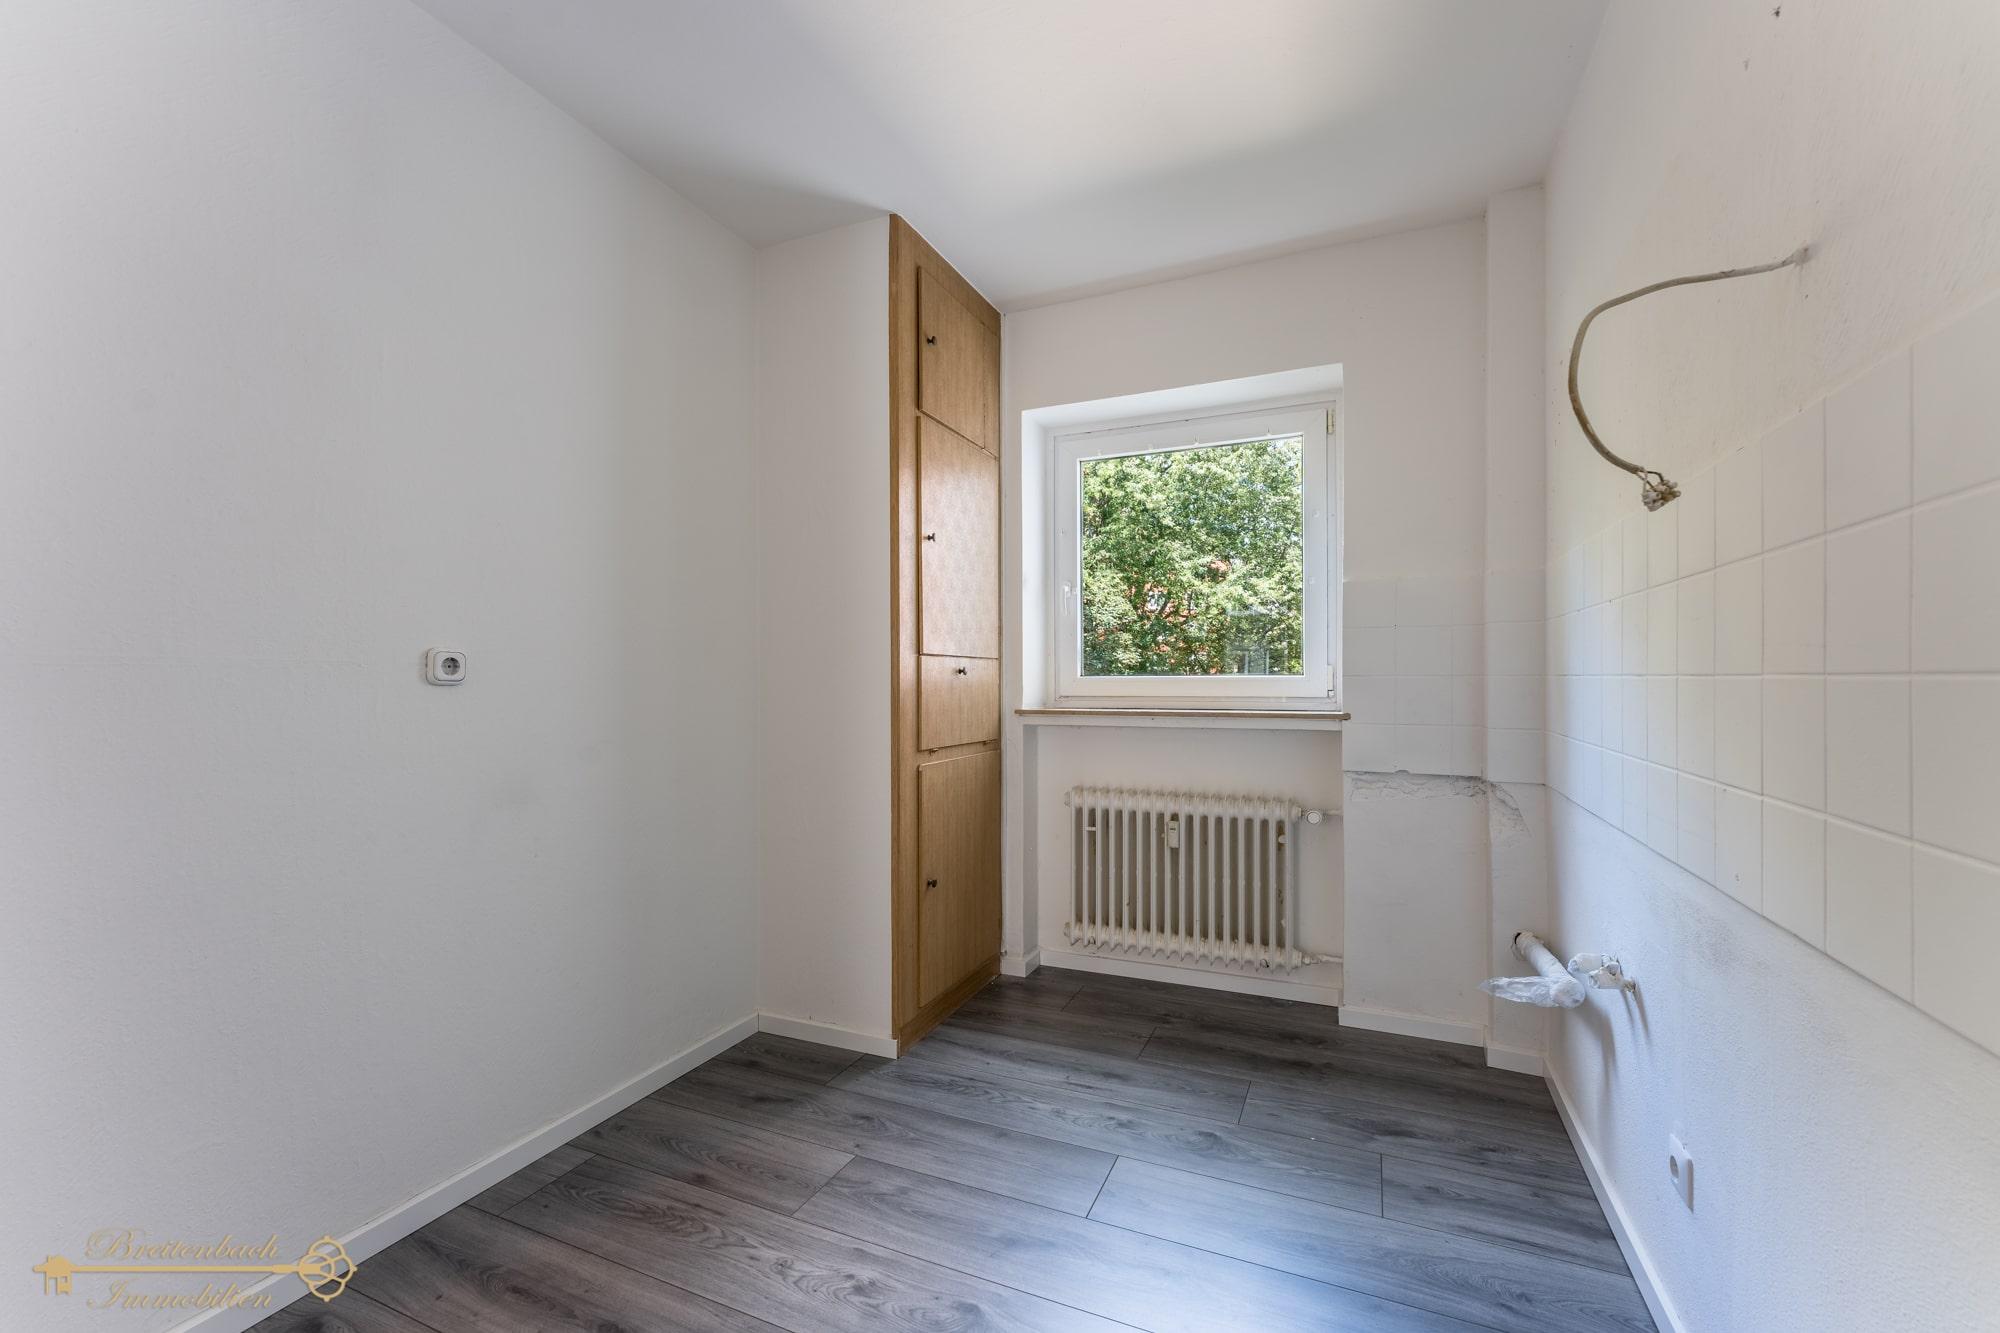 2021-08-03-Breitenbach-Immobilien-Makler-Bremen-2-min